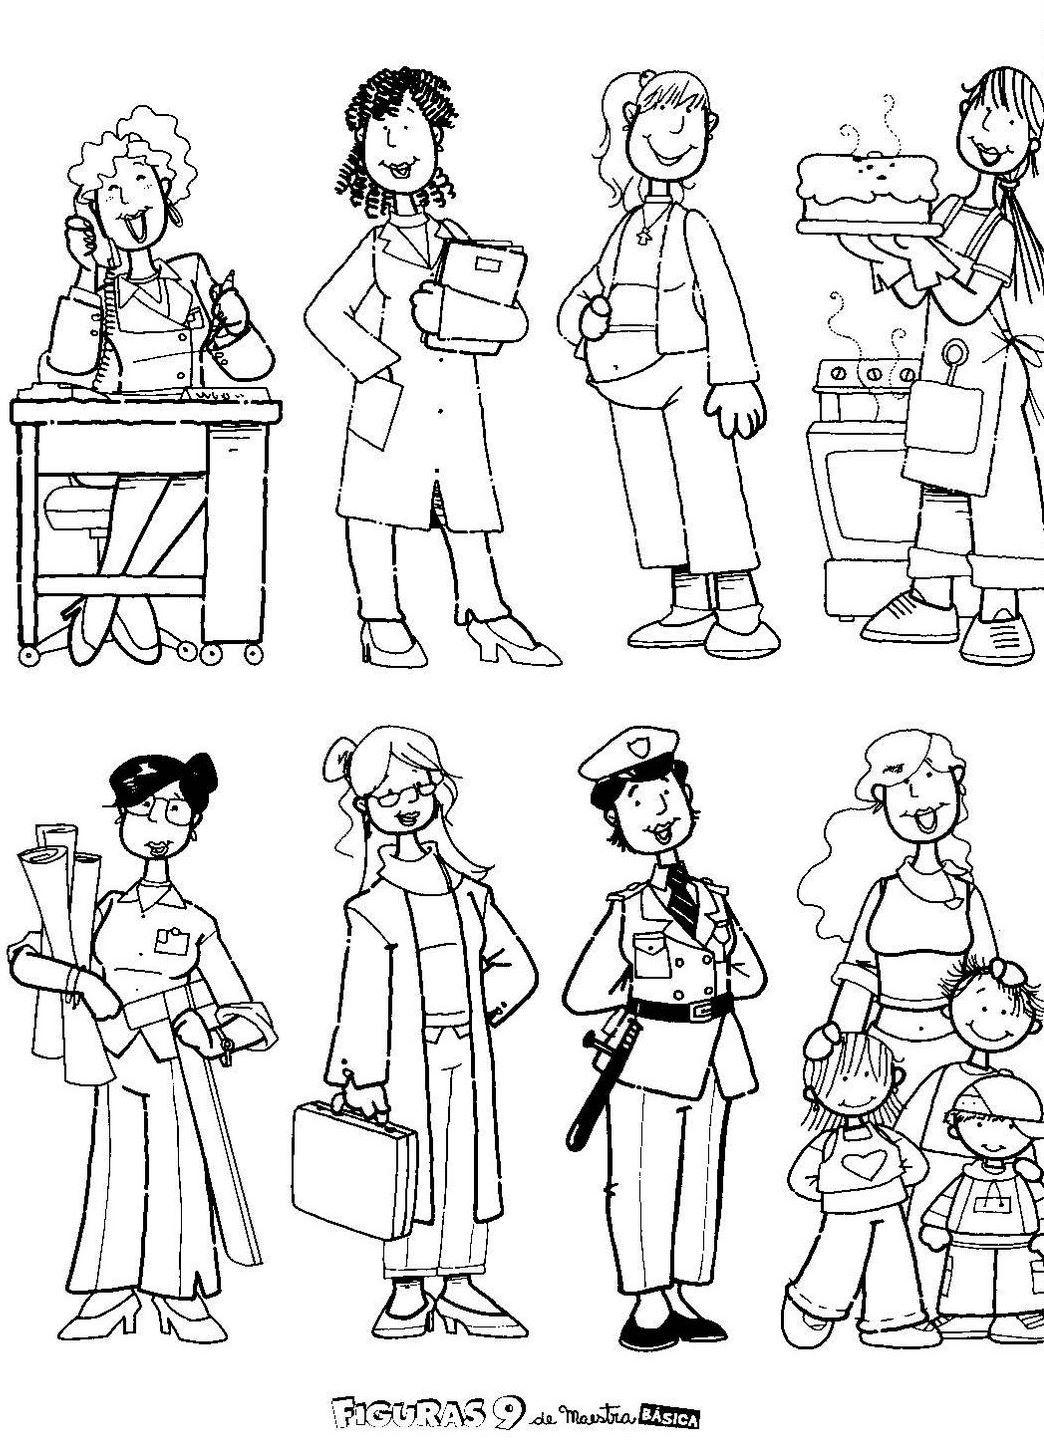 Ampliar Ou Salvar Os Desenhos Das Mulheres   Clique No Desenho